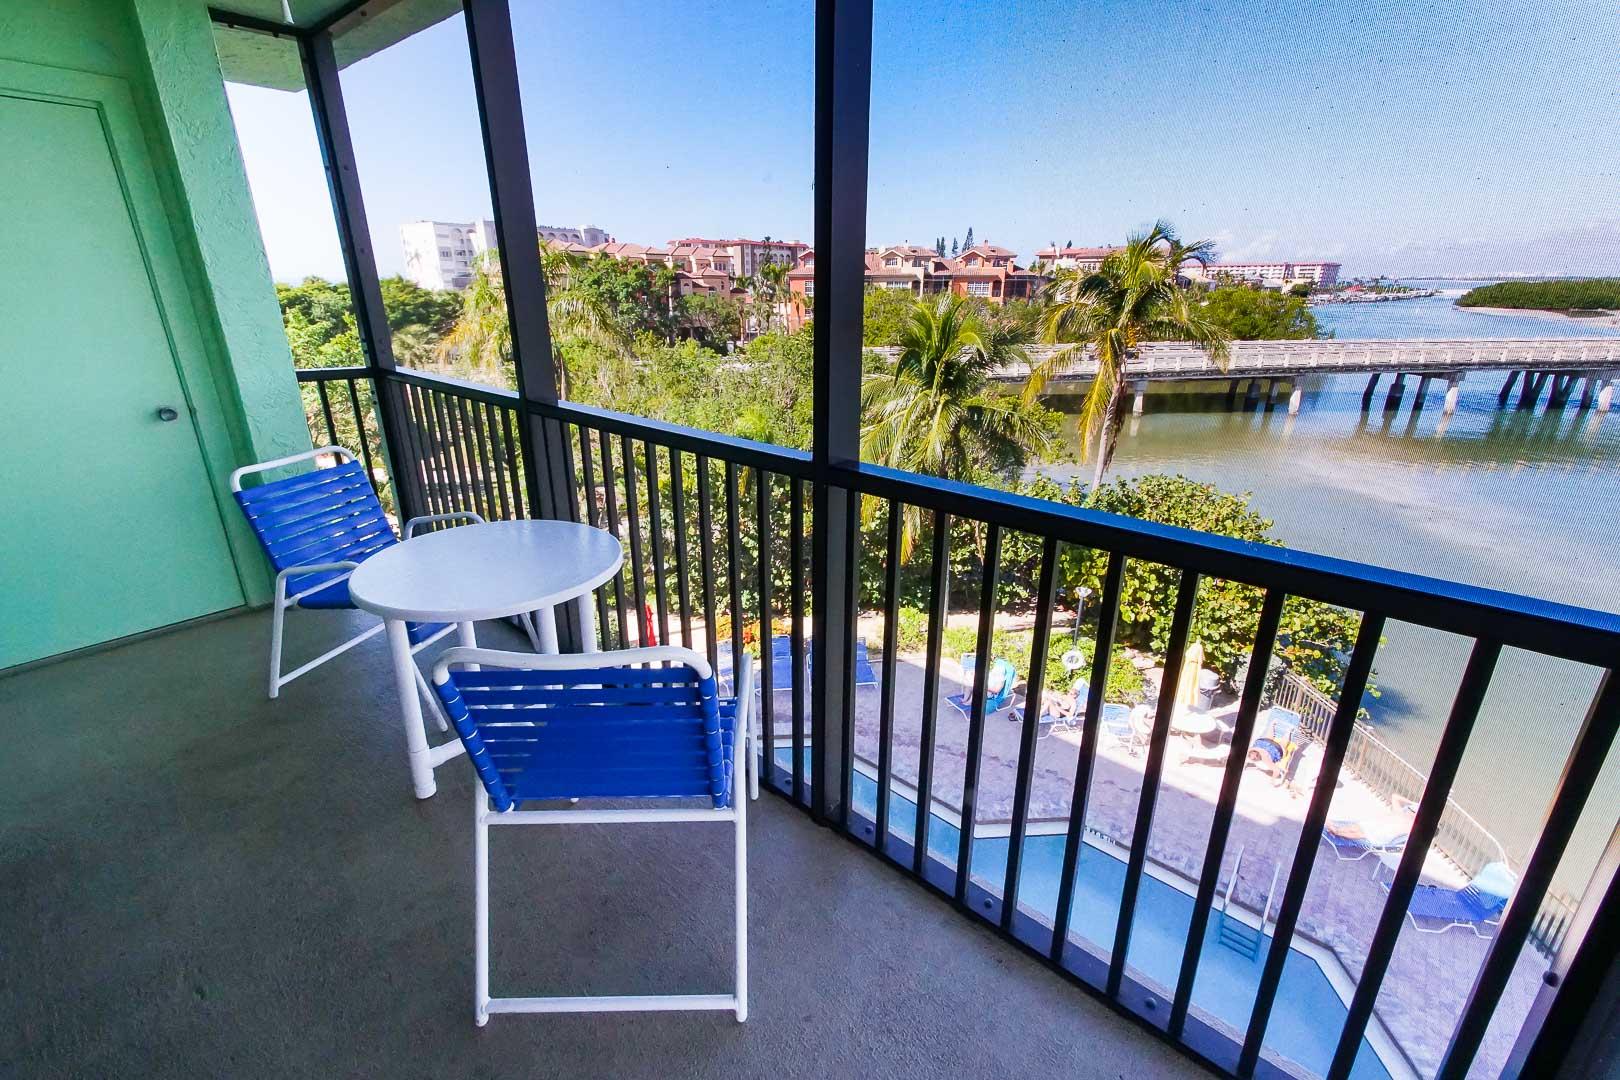 Bonita Resort Club Unit Interior - Balcony